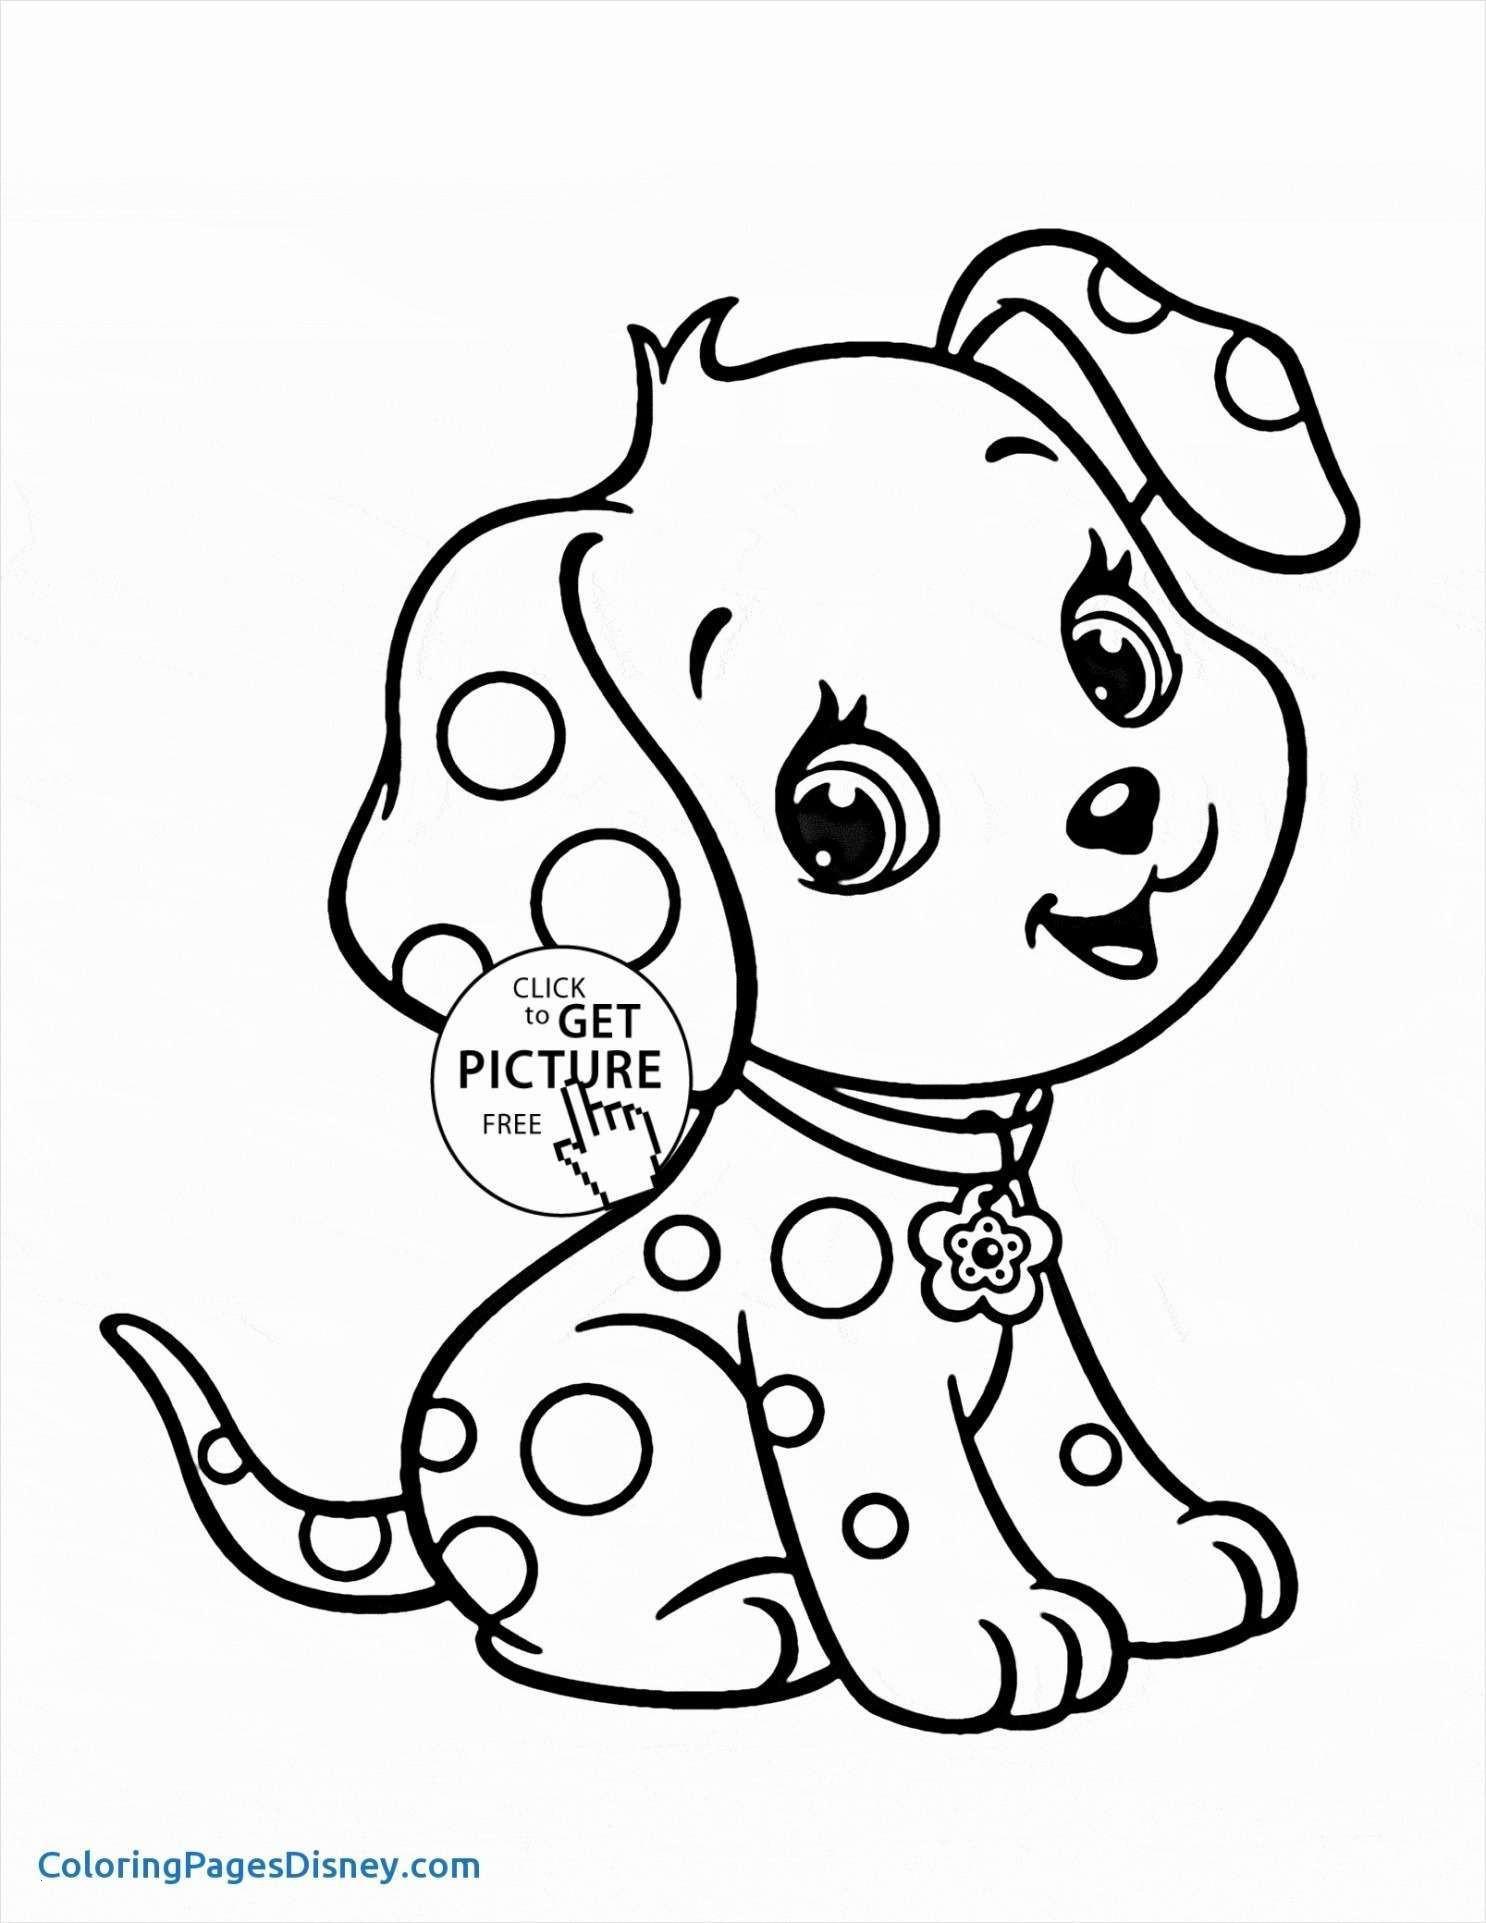 Disney Prinzessinnen Zeichnen Frisch 44 Disney Princess Free Coloring Pages Printable Genial Disney Bilder